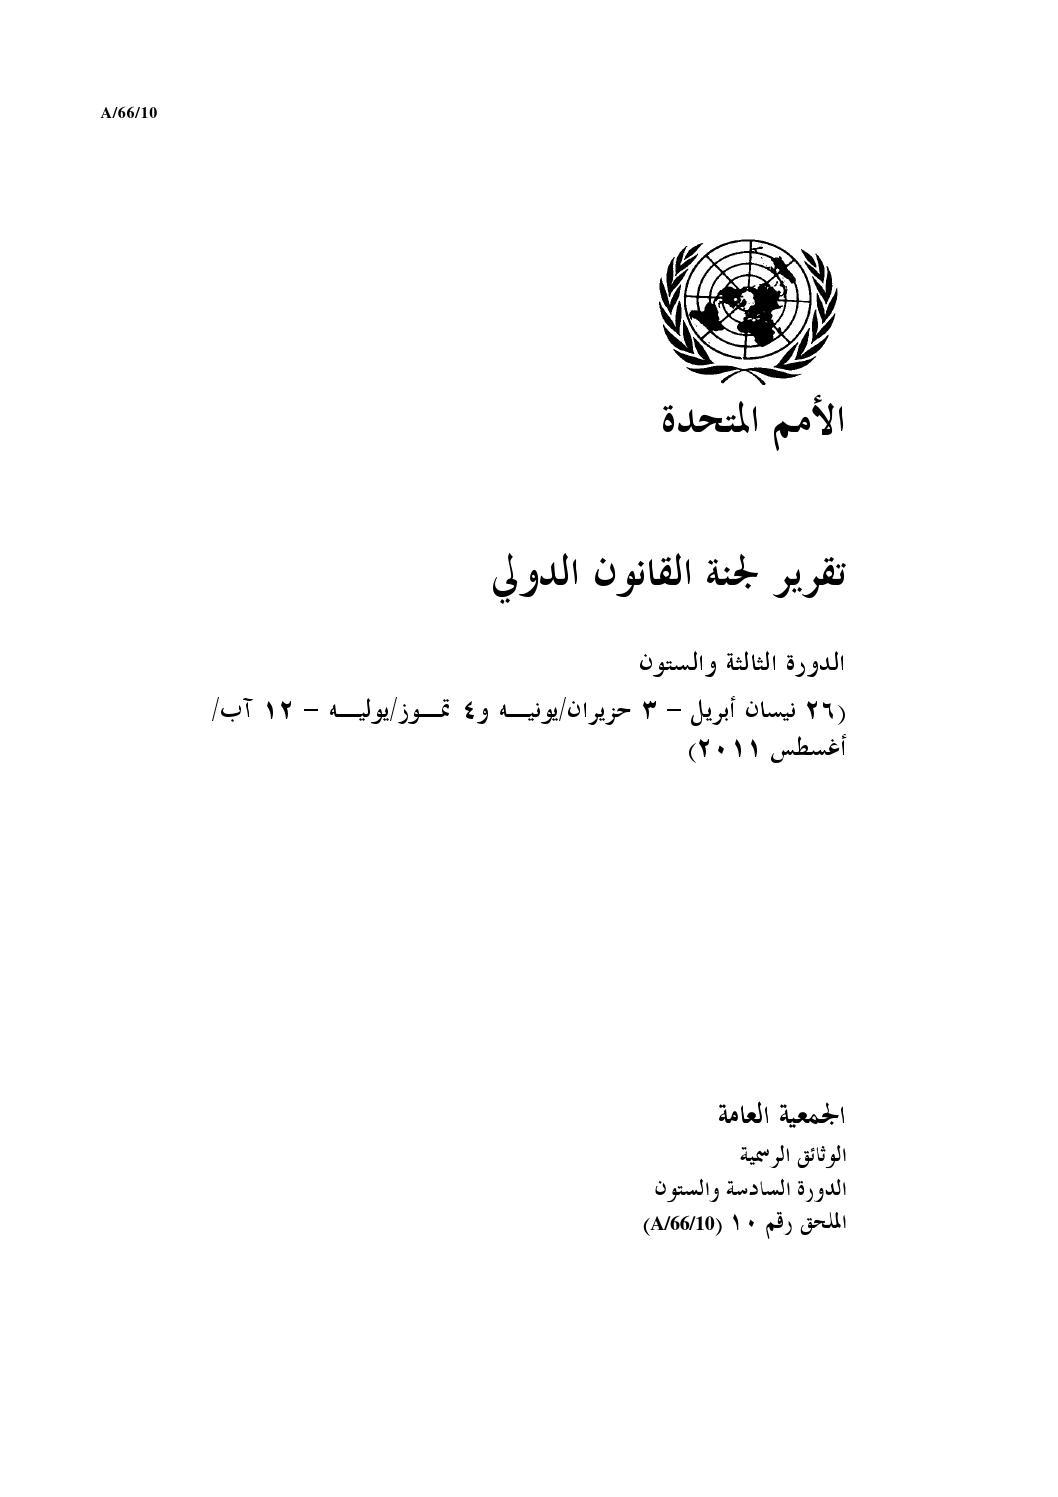 تقرير لجنة القانون الدولي في الأمم المتحدة أغسطس 2011 By